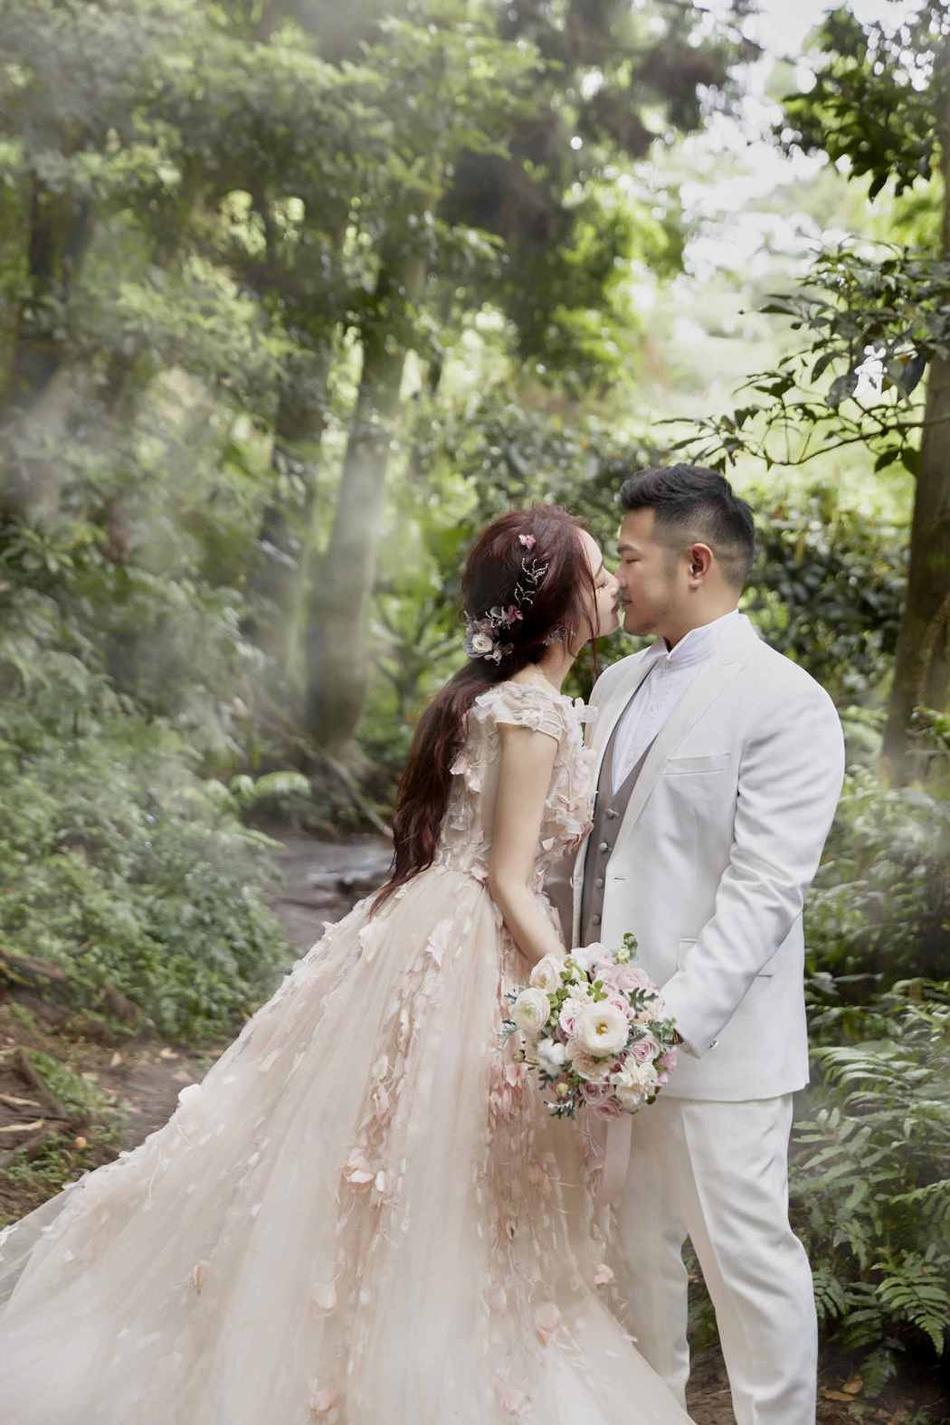 婚纱照和_任嘉伦和聂欢的婚纱照